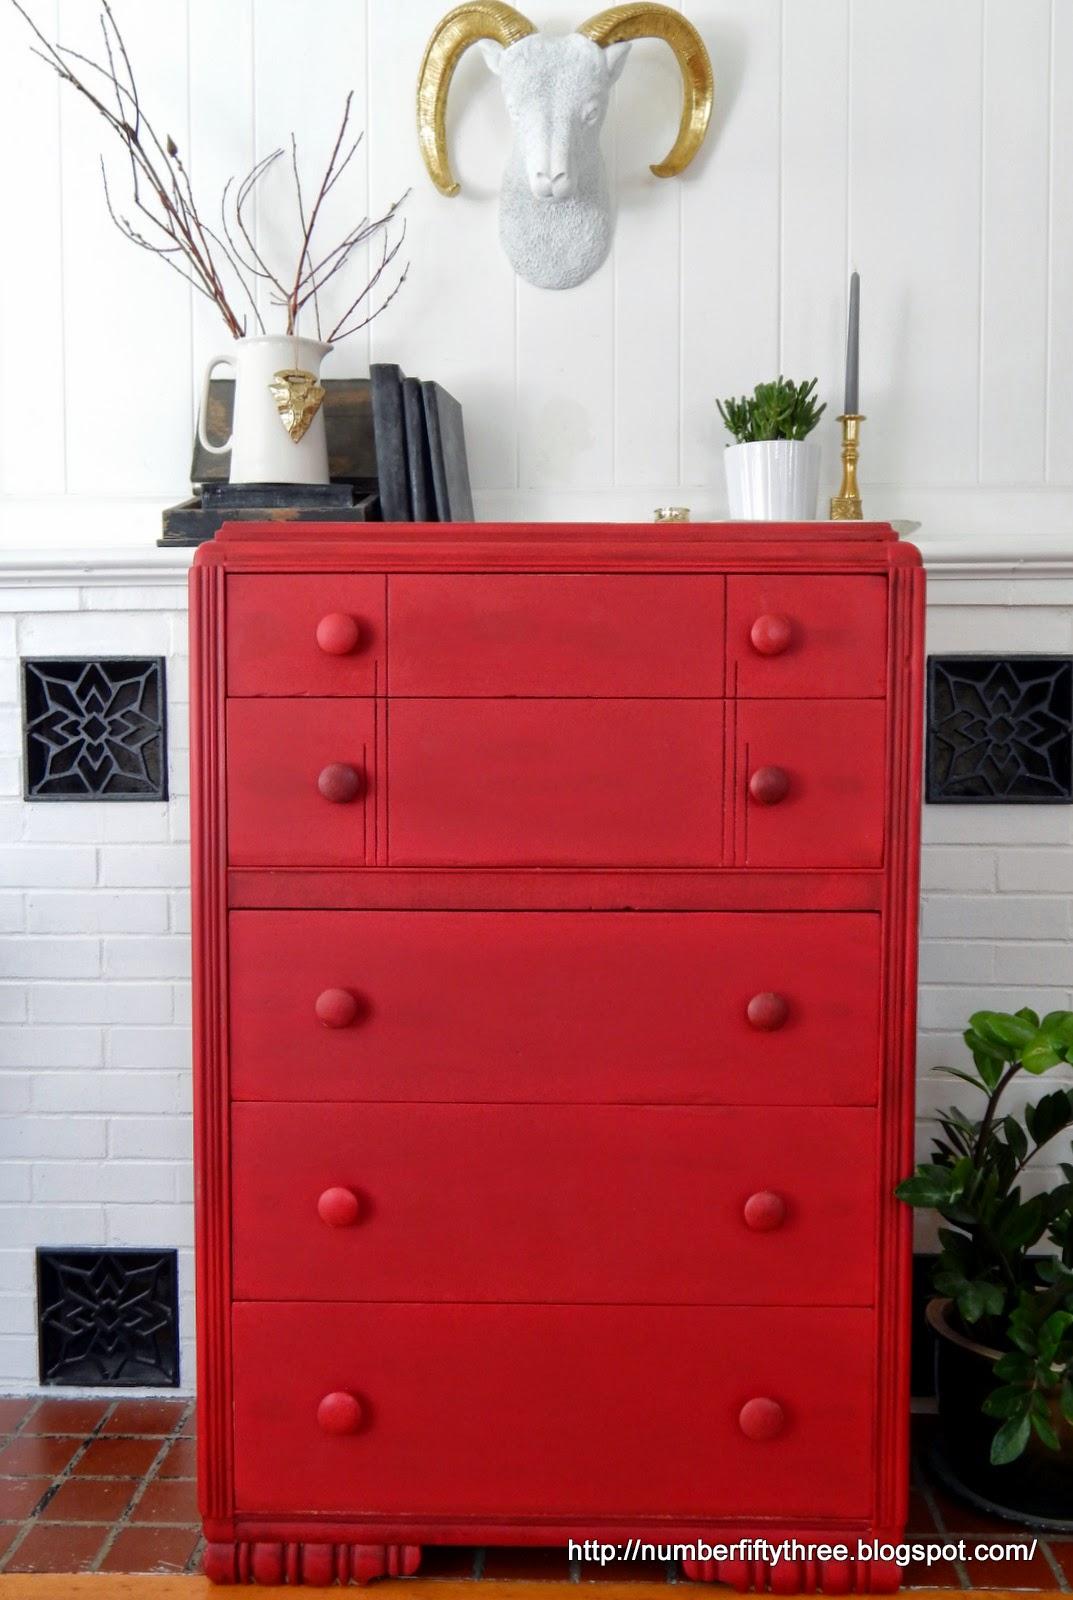 Number FiftyThree Vintage Red Dresser